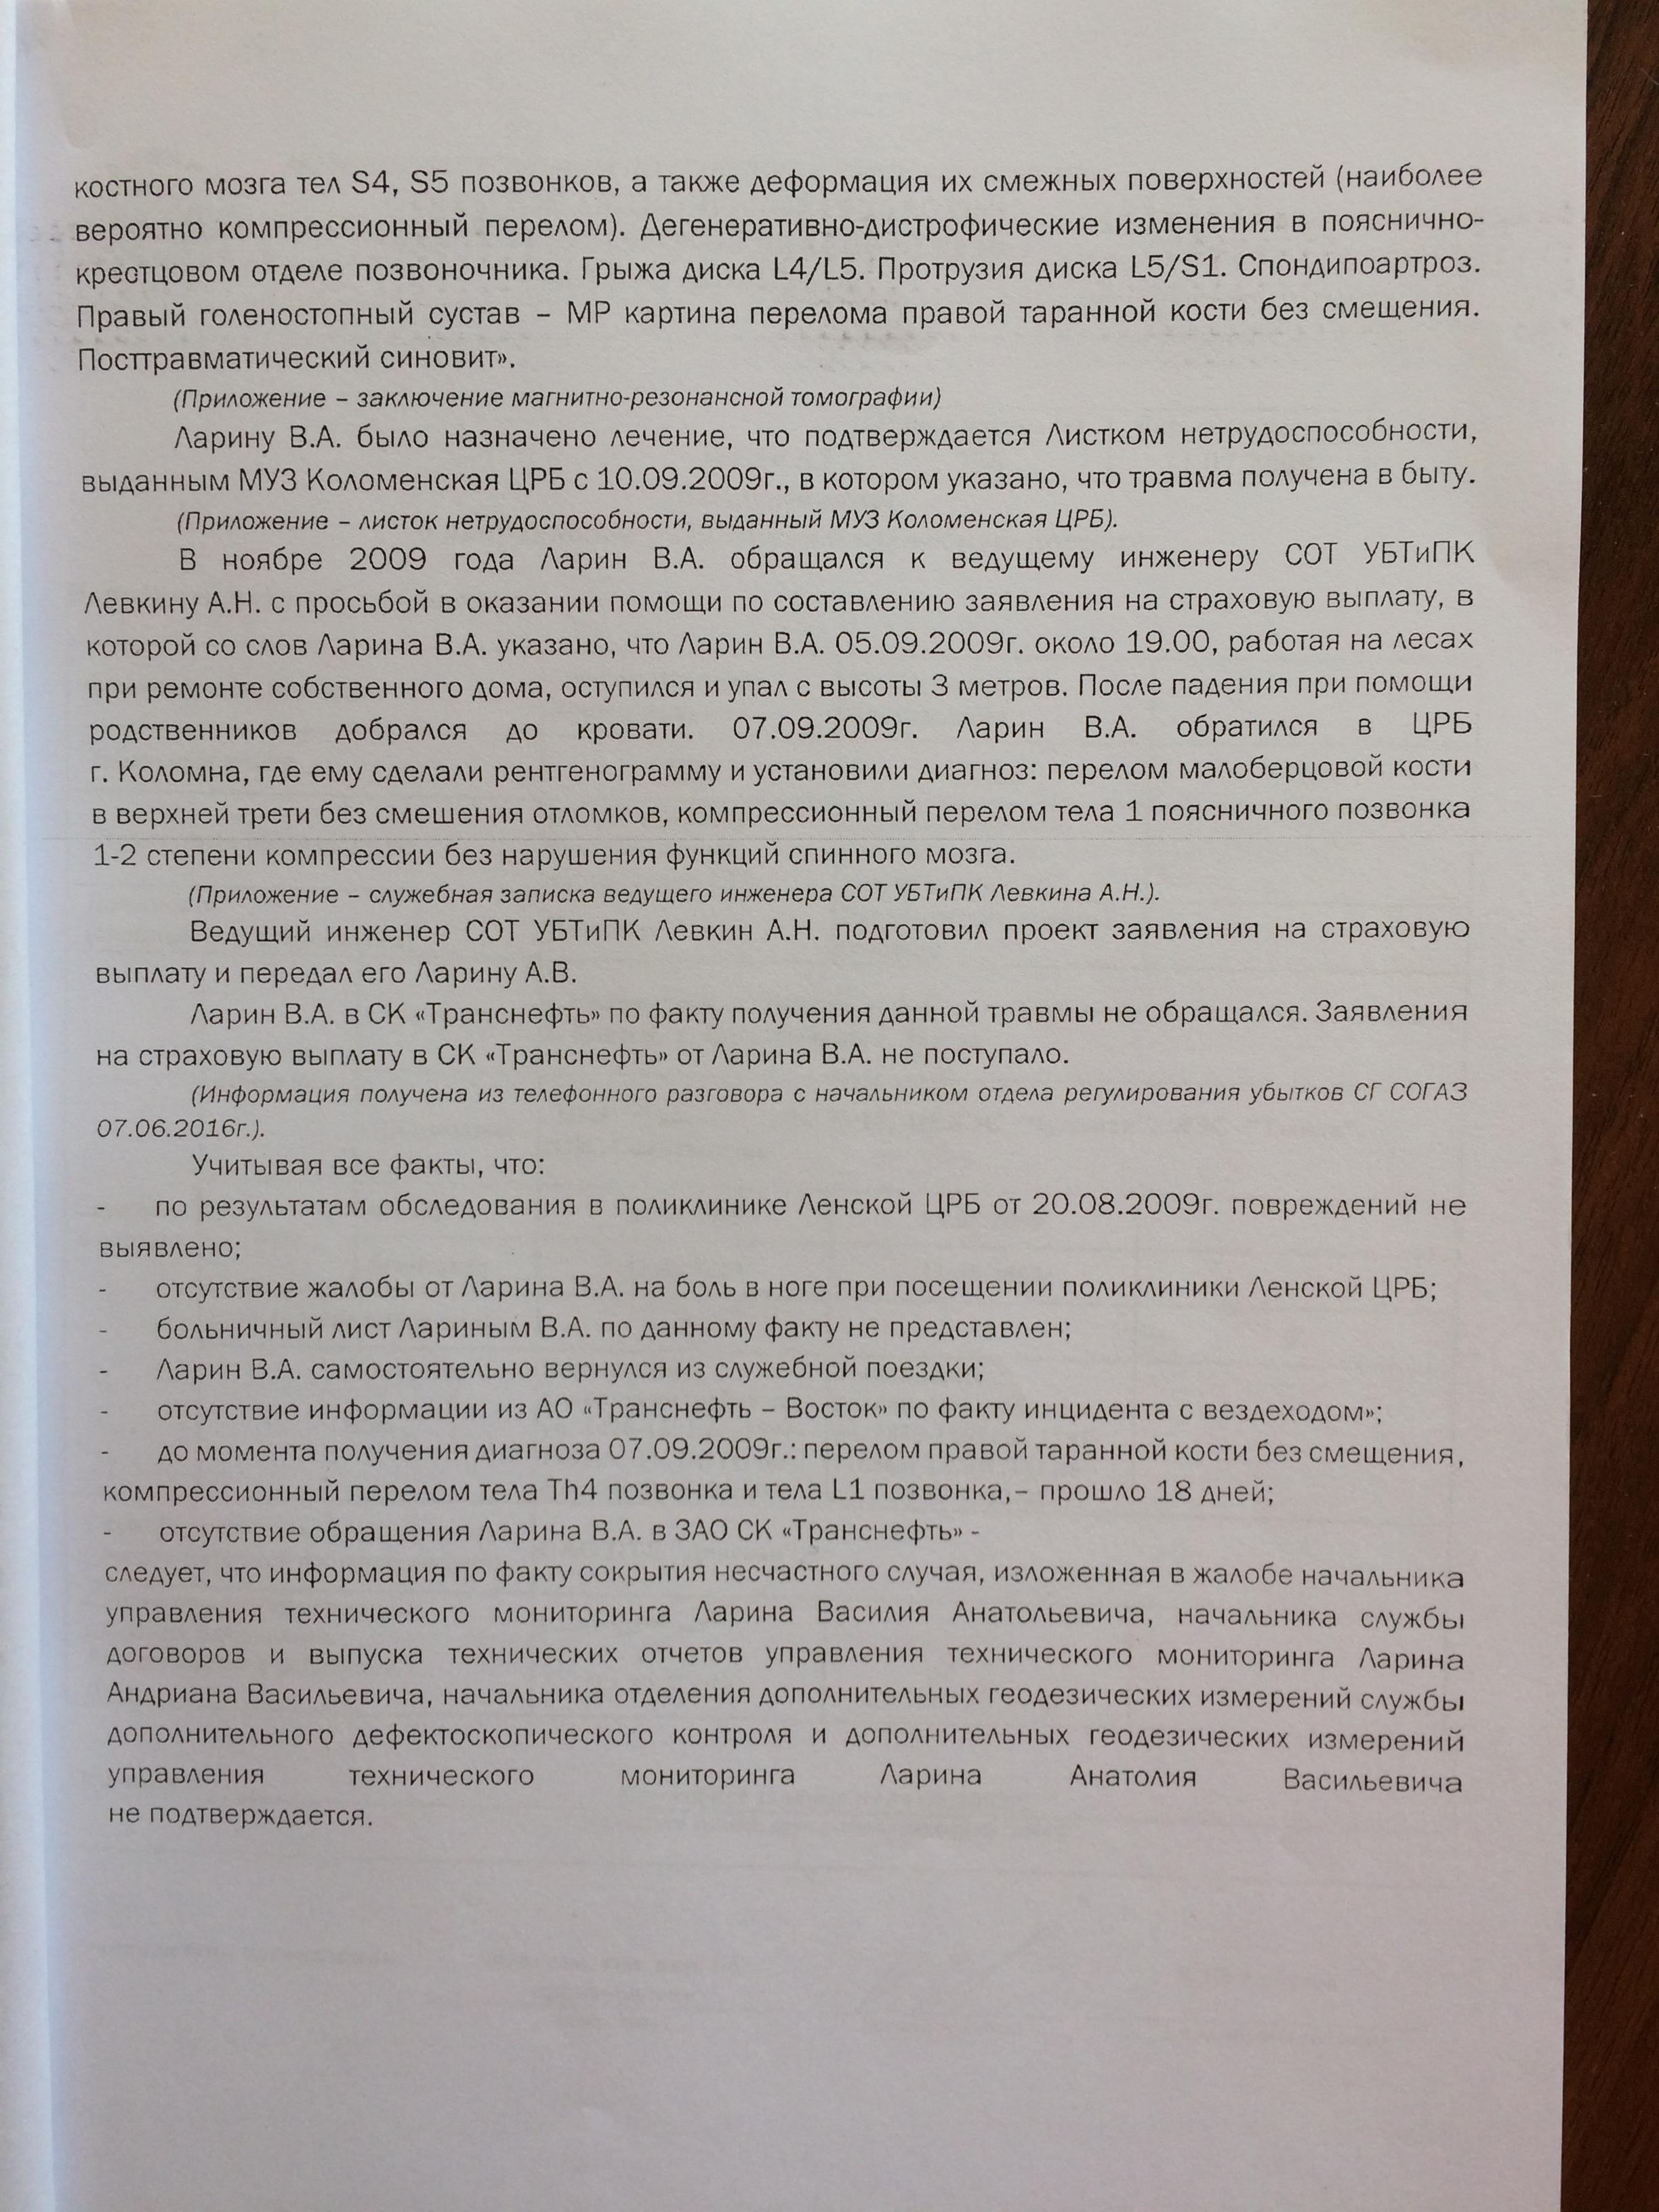 Фото документов проверки Луховицкой городской прокуратурой - 71 (5)